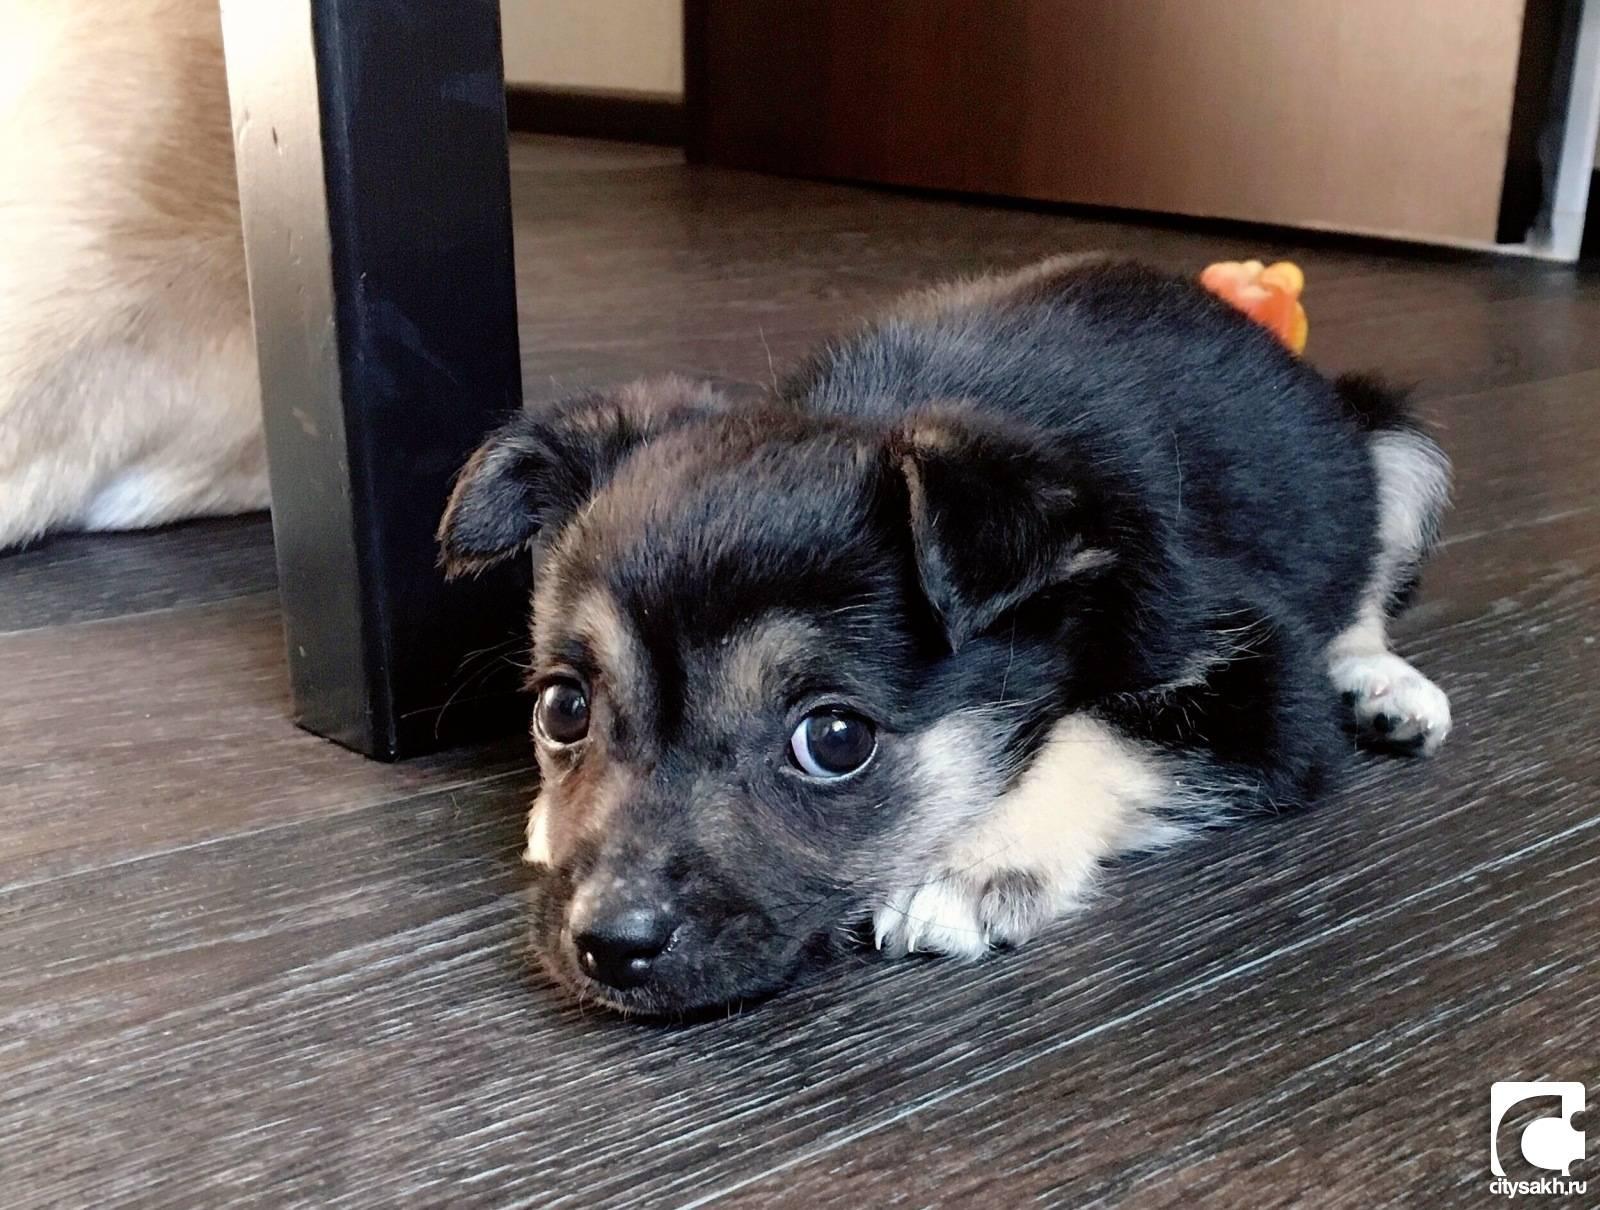 Клички для собак - список 3000 лучших кличек для собак-мальчиков и собак-девочек